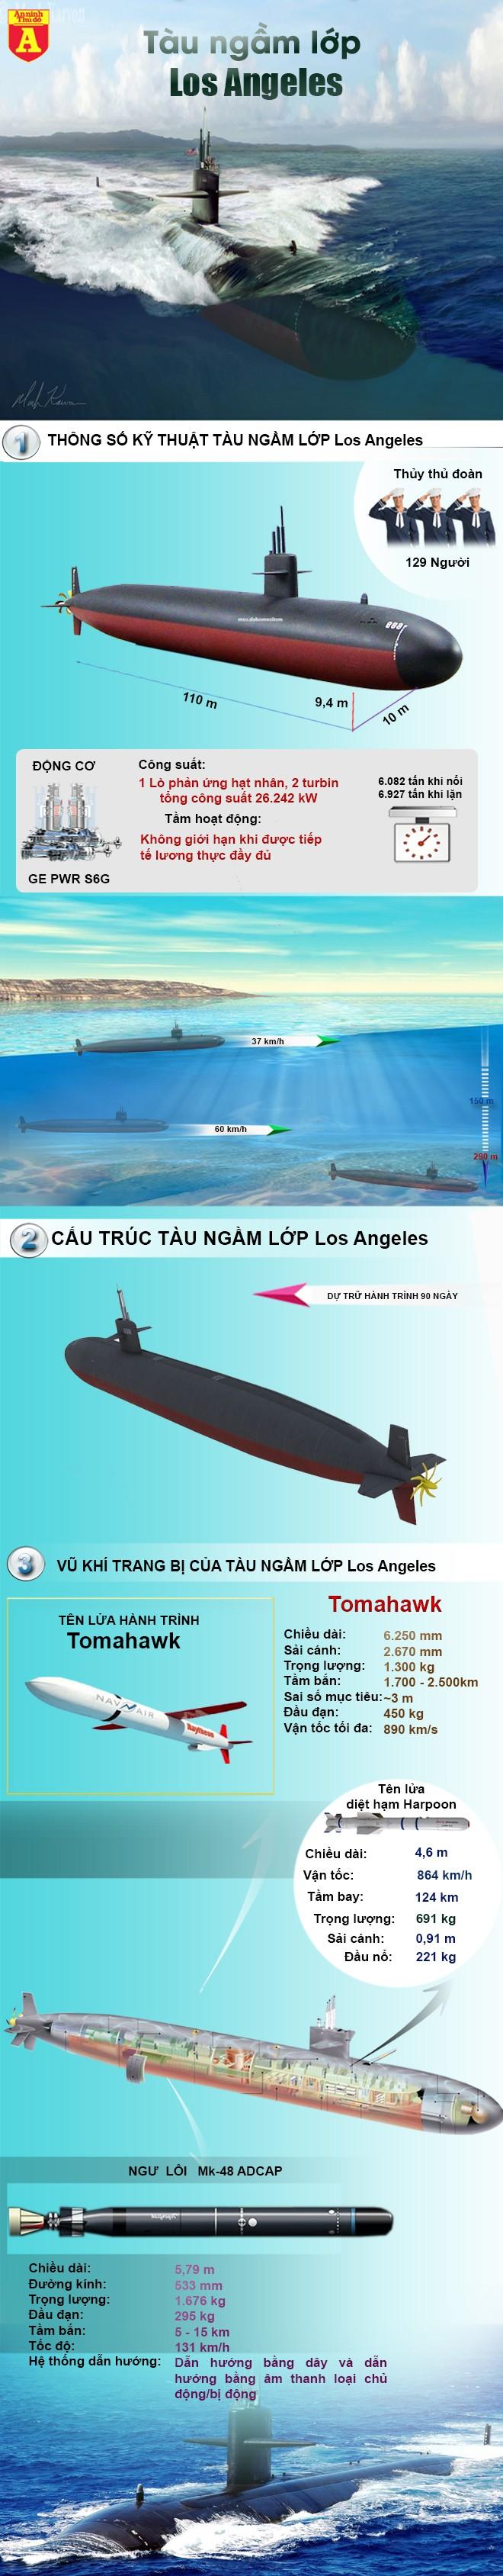 [Info] Tàu ngầm hạt nhân Mỹ - kẻ hủy diệt thầm lặng đang lặng lẽ tiếp cận Iran ảnh 2